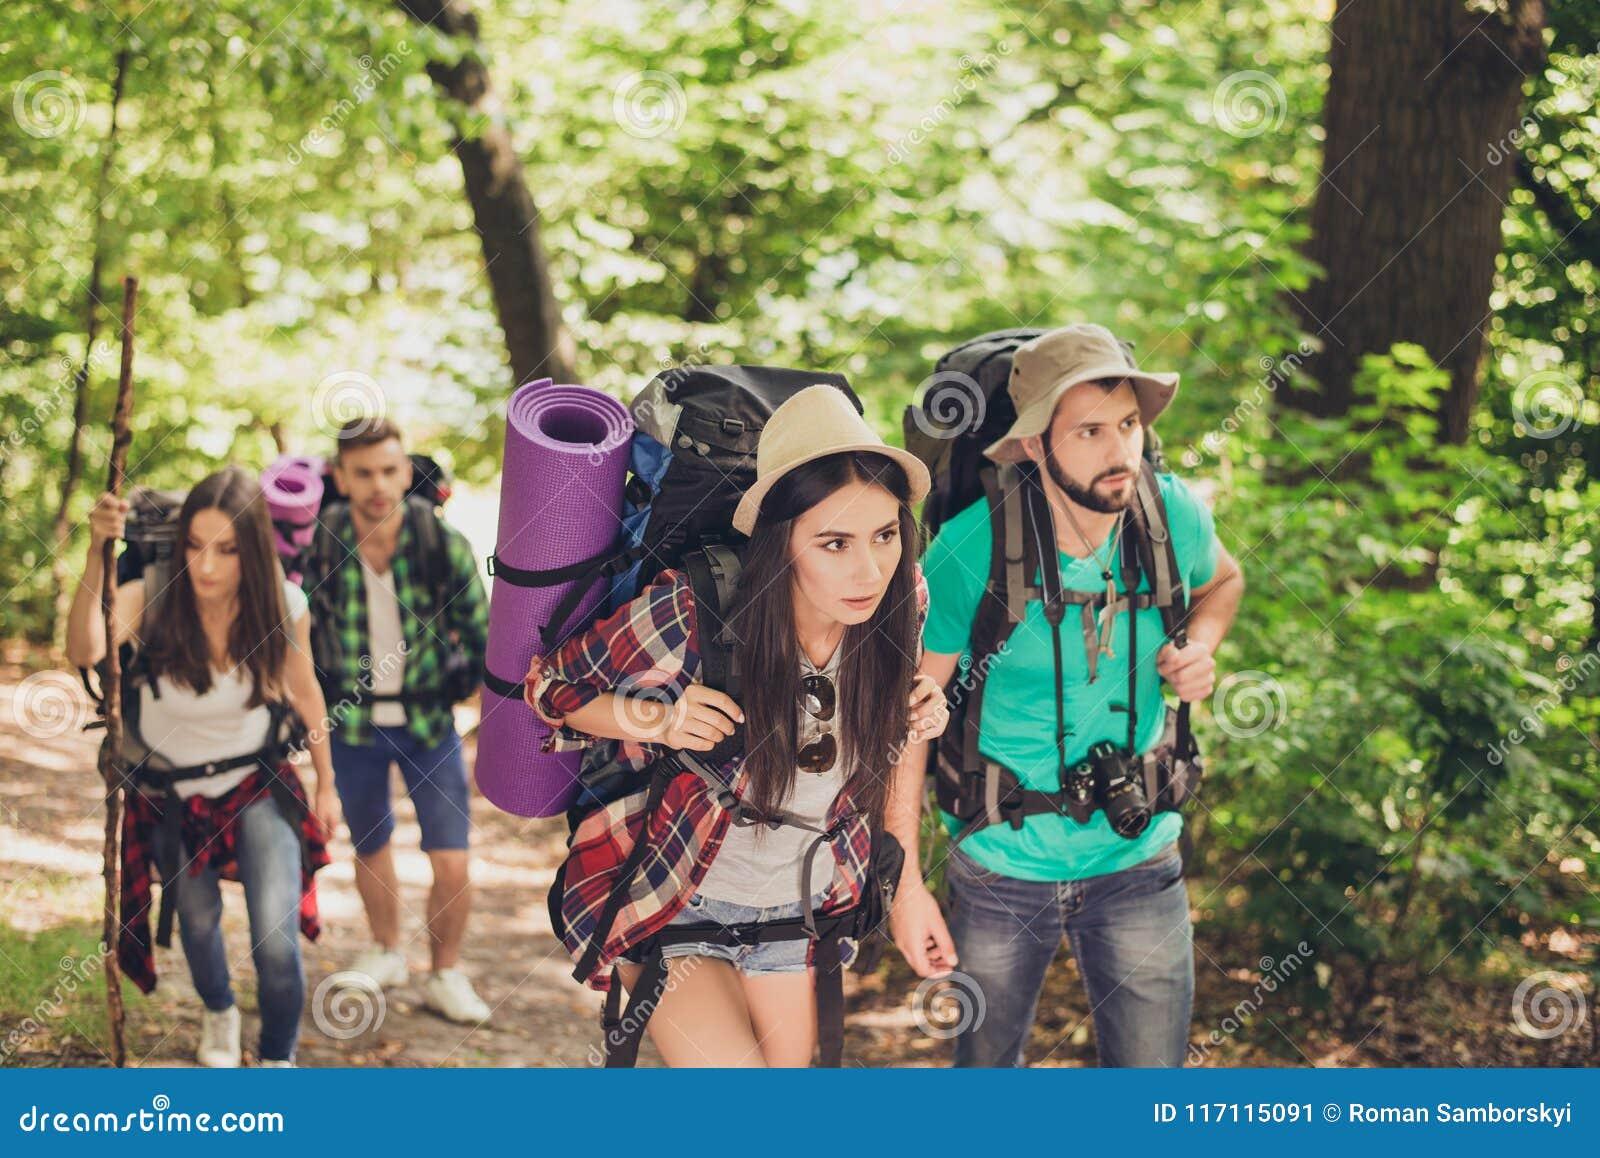 Cuatro turistas consiguieron perdidos en el bosque, intentando encontrar la manera, pareciendo serios y enfocados, todos que tení